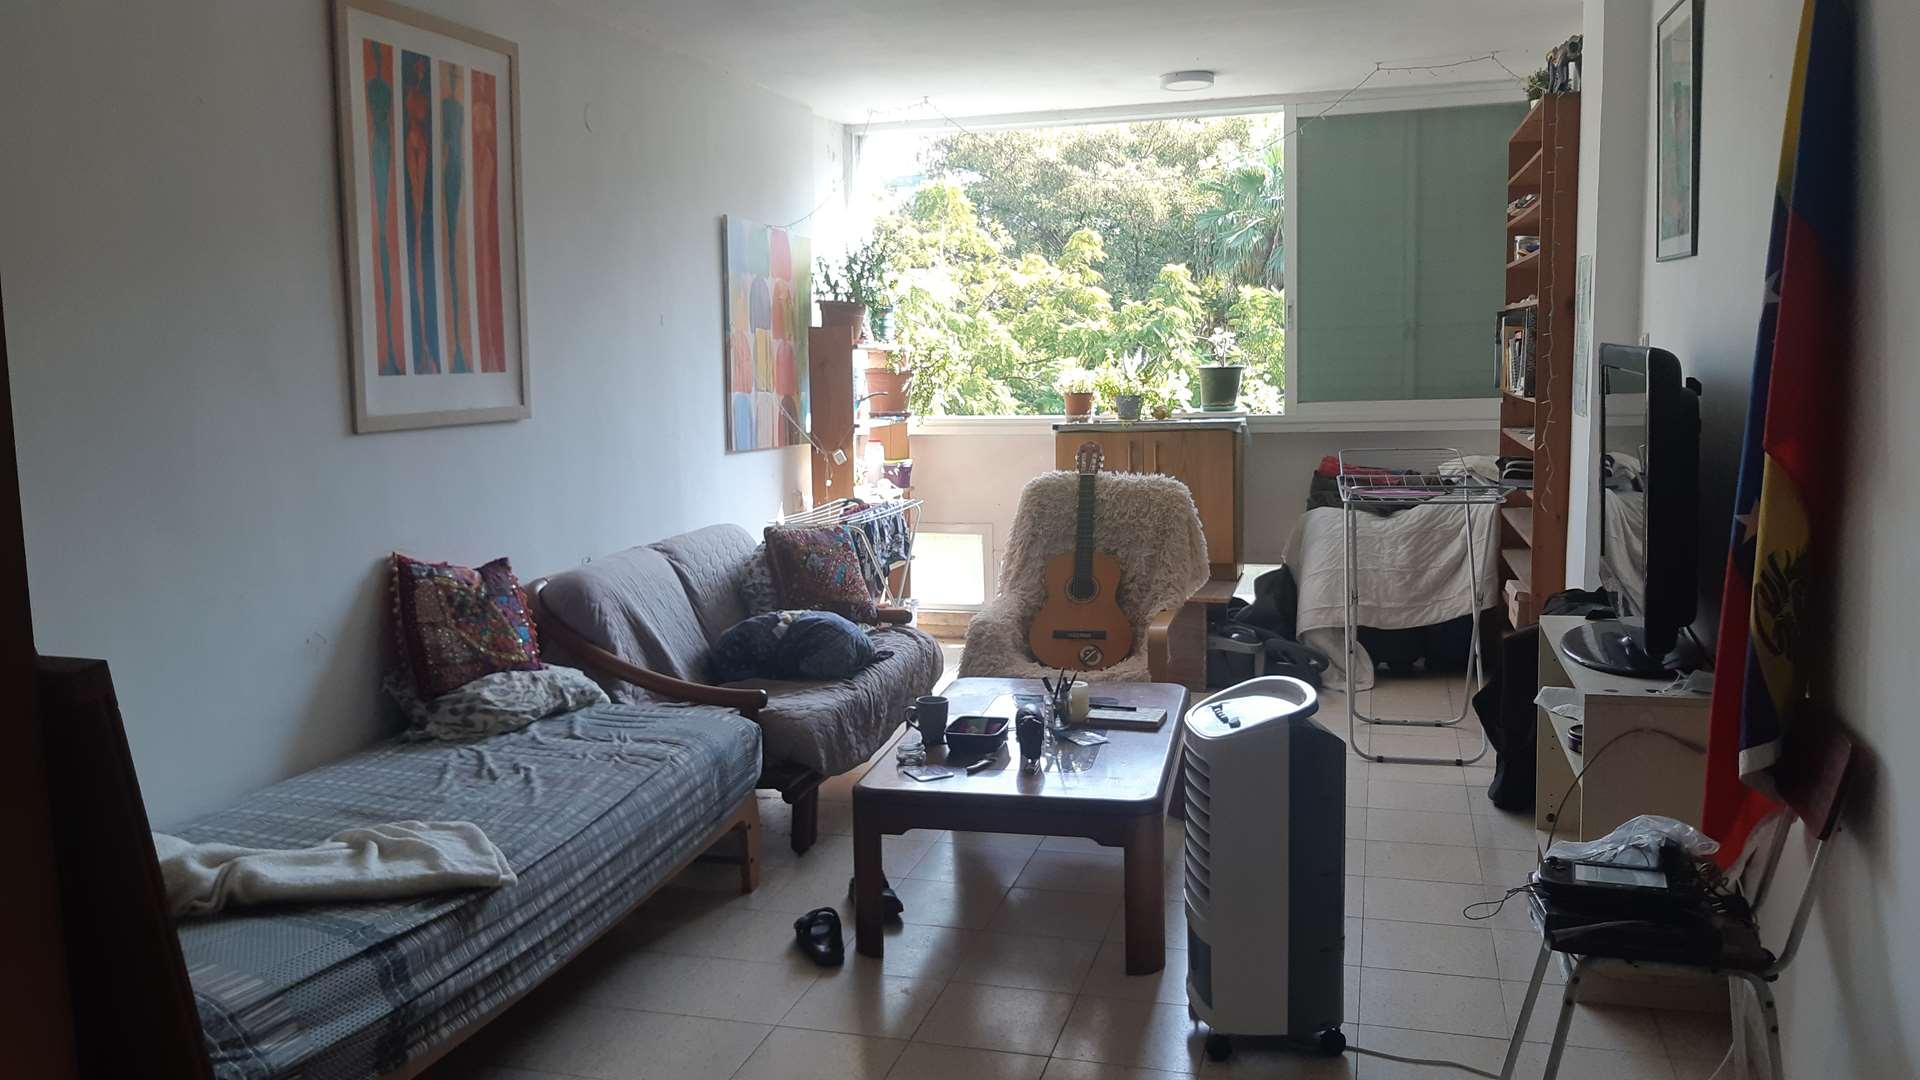 דירה לשותפים 4 חדרים בתל אביב יפו האמוראים